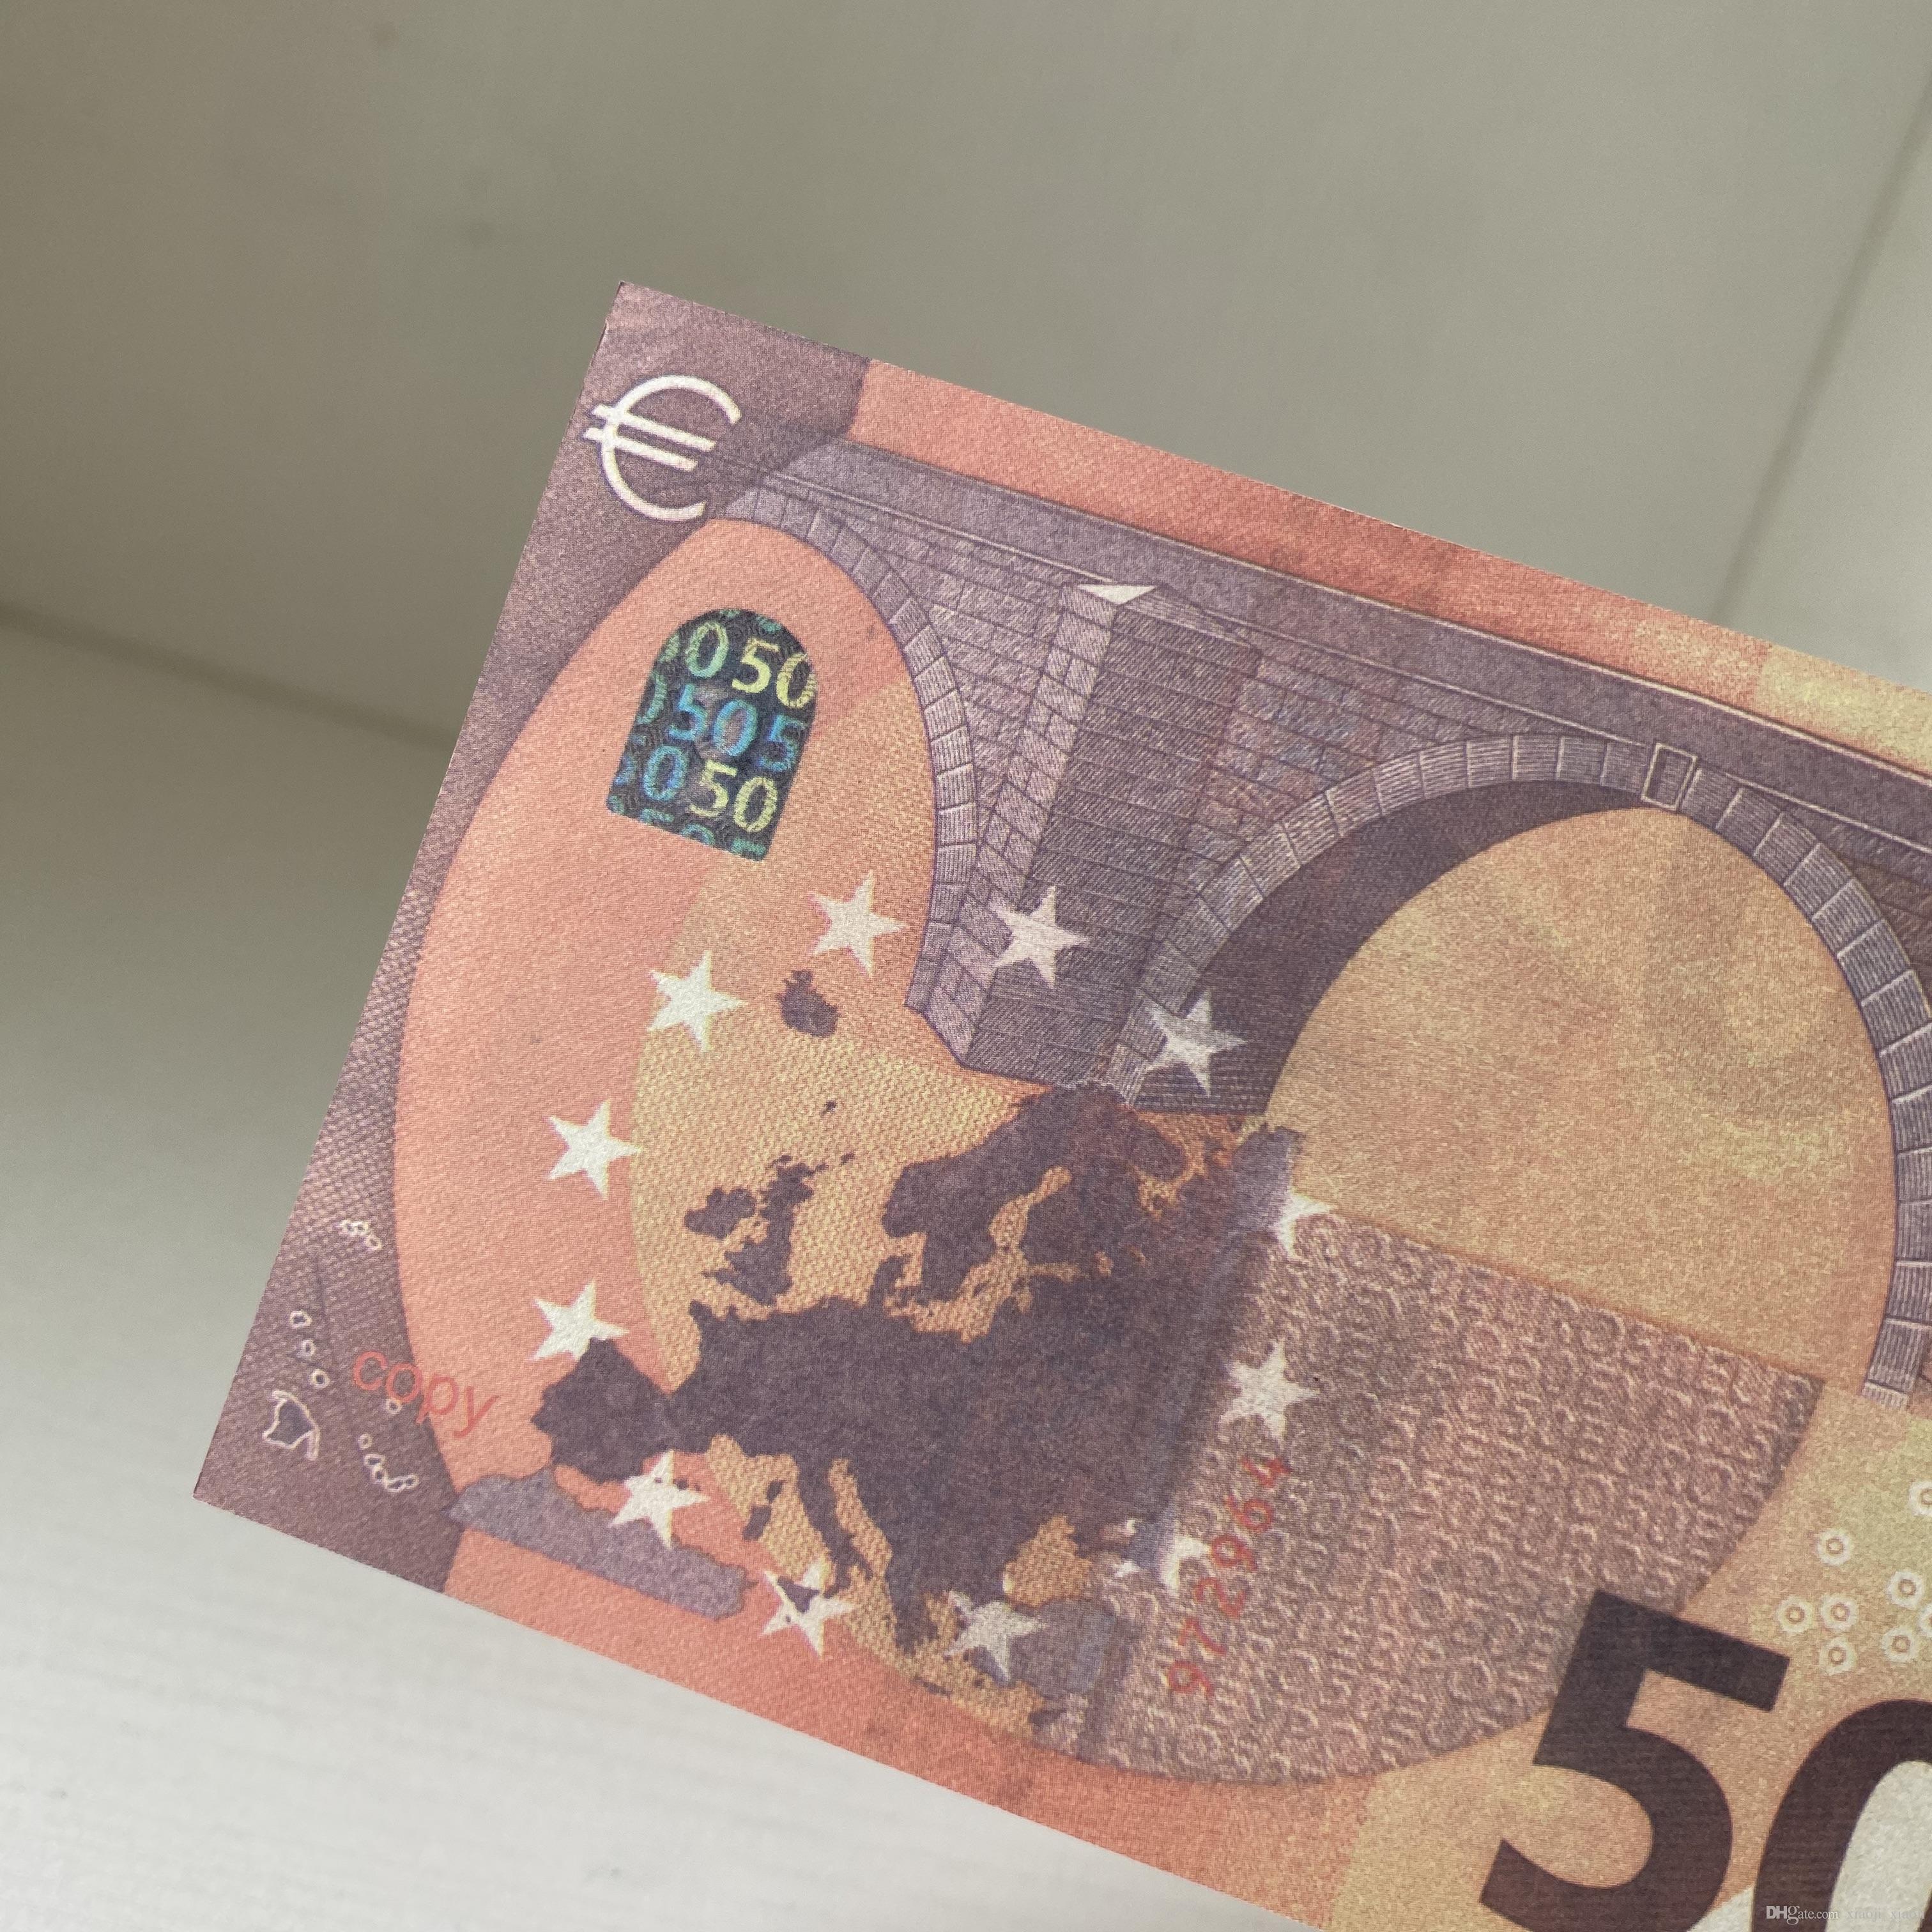 Fernseher spielzeug 50 Euro gefälschte Geld Bar Münze Token und heißer Shooting Banknote Practice Film Simulation Spiel Requisiten HXHEN